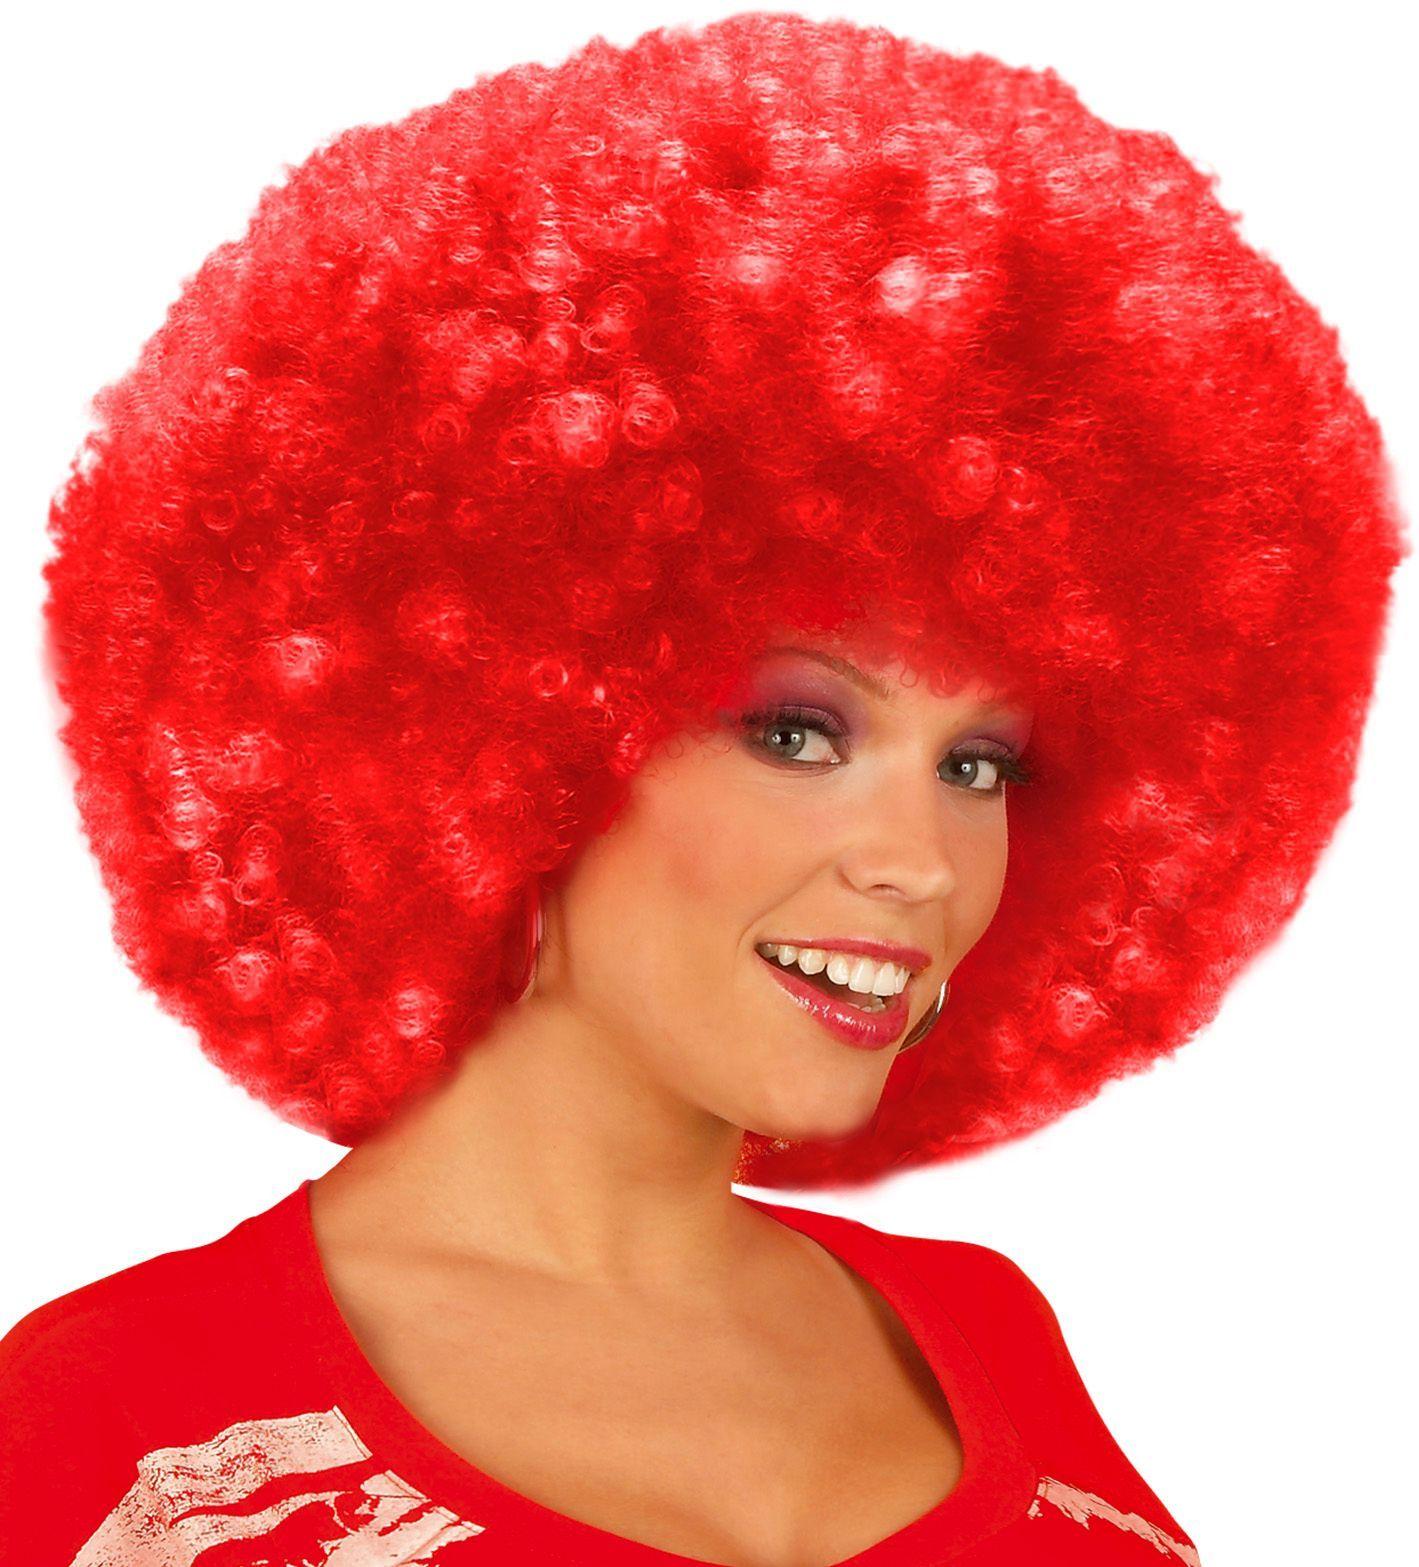 Rode afro pruik met krullen